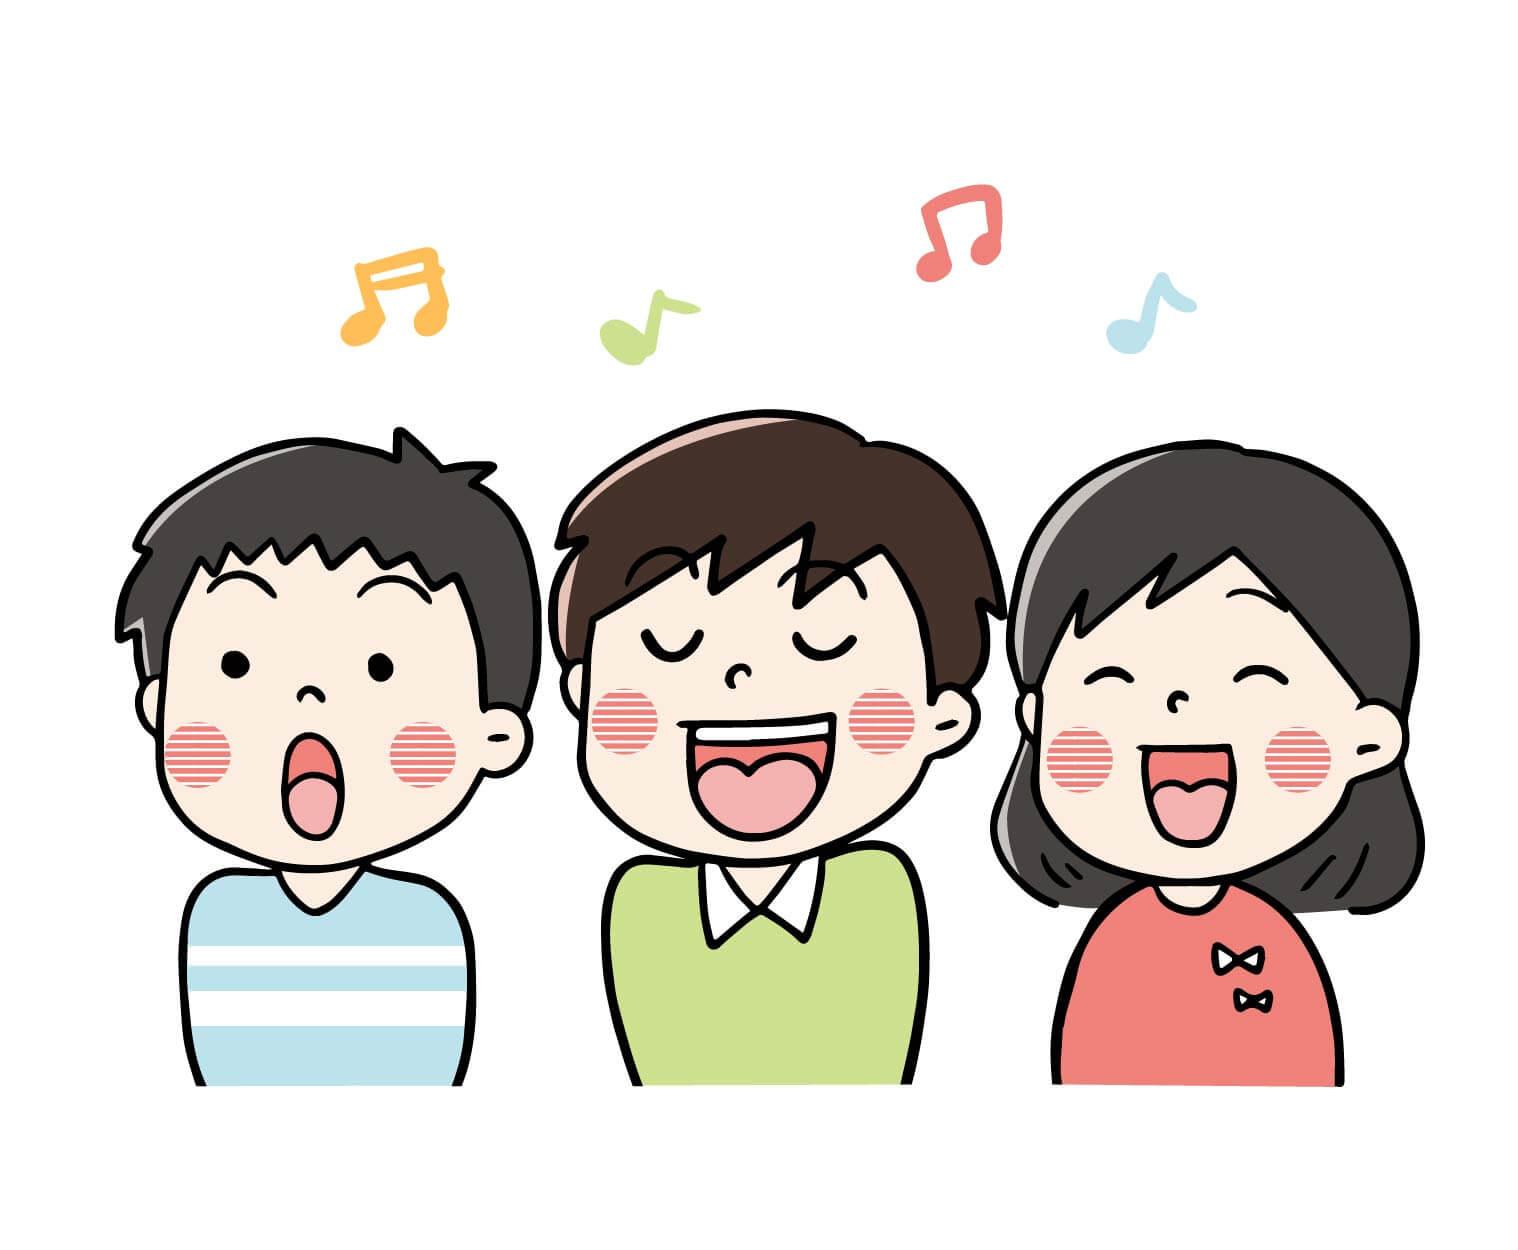 Children chorusing